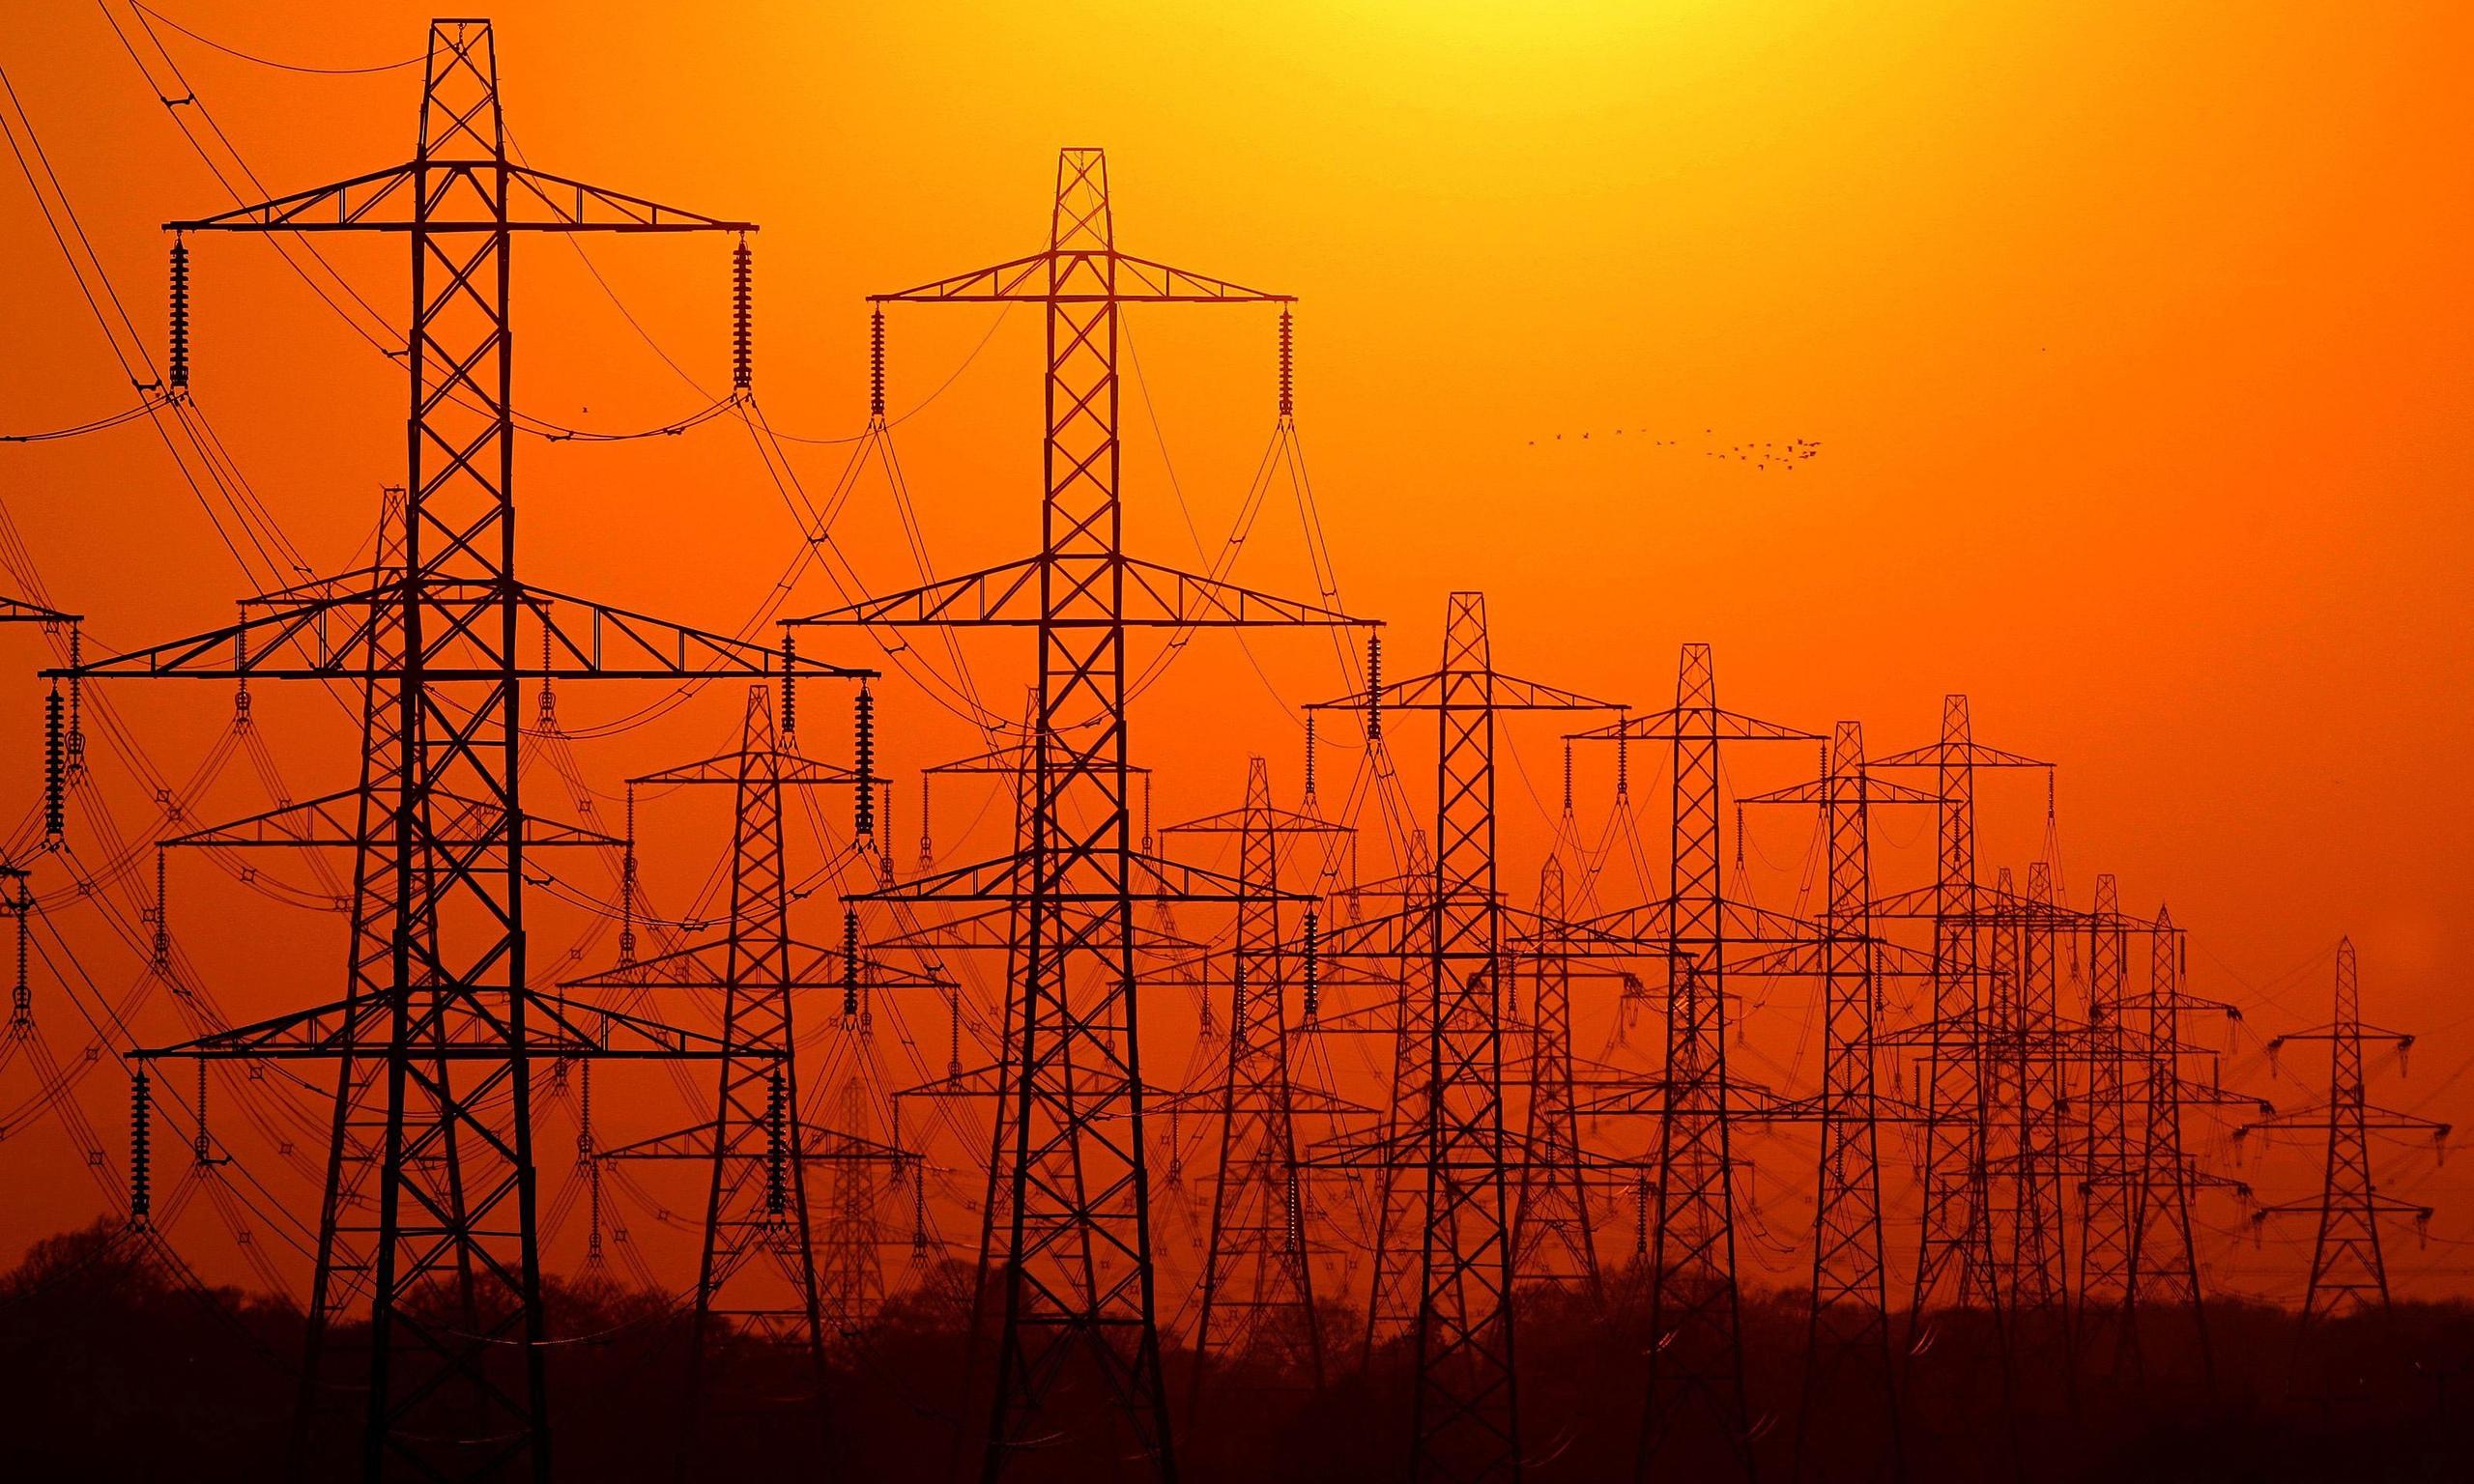 Դելոյթ ընդ Տուշ. աուդիտի արդյունքներ՝ Հայաստանում էլեկտրաէներգիայի թանկացումը հիմնավորված է